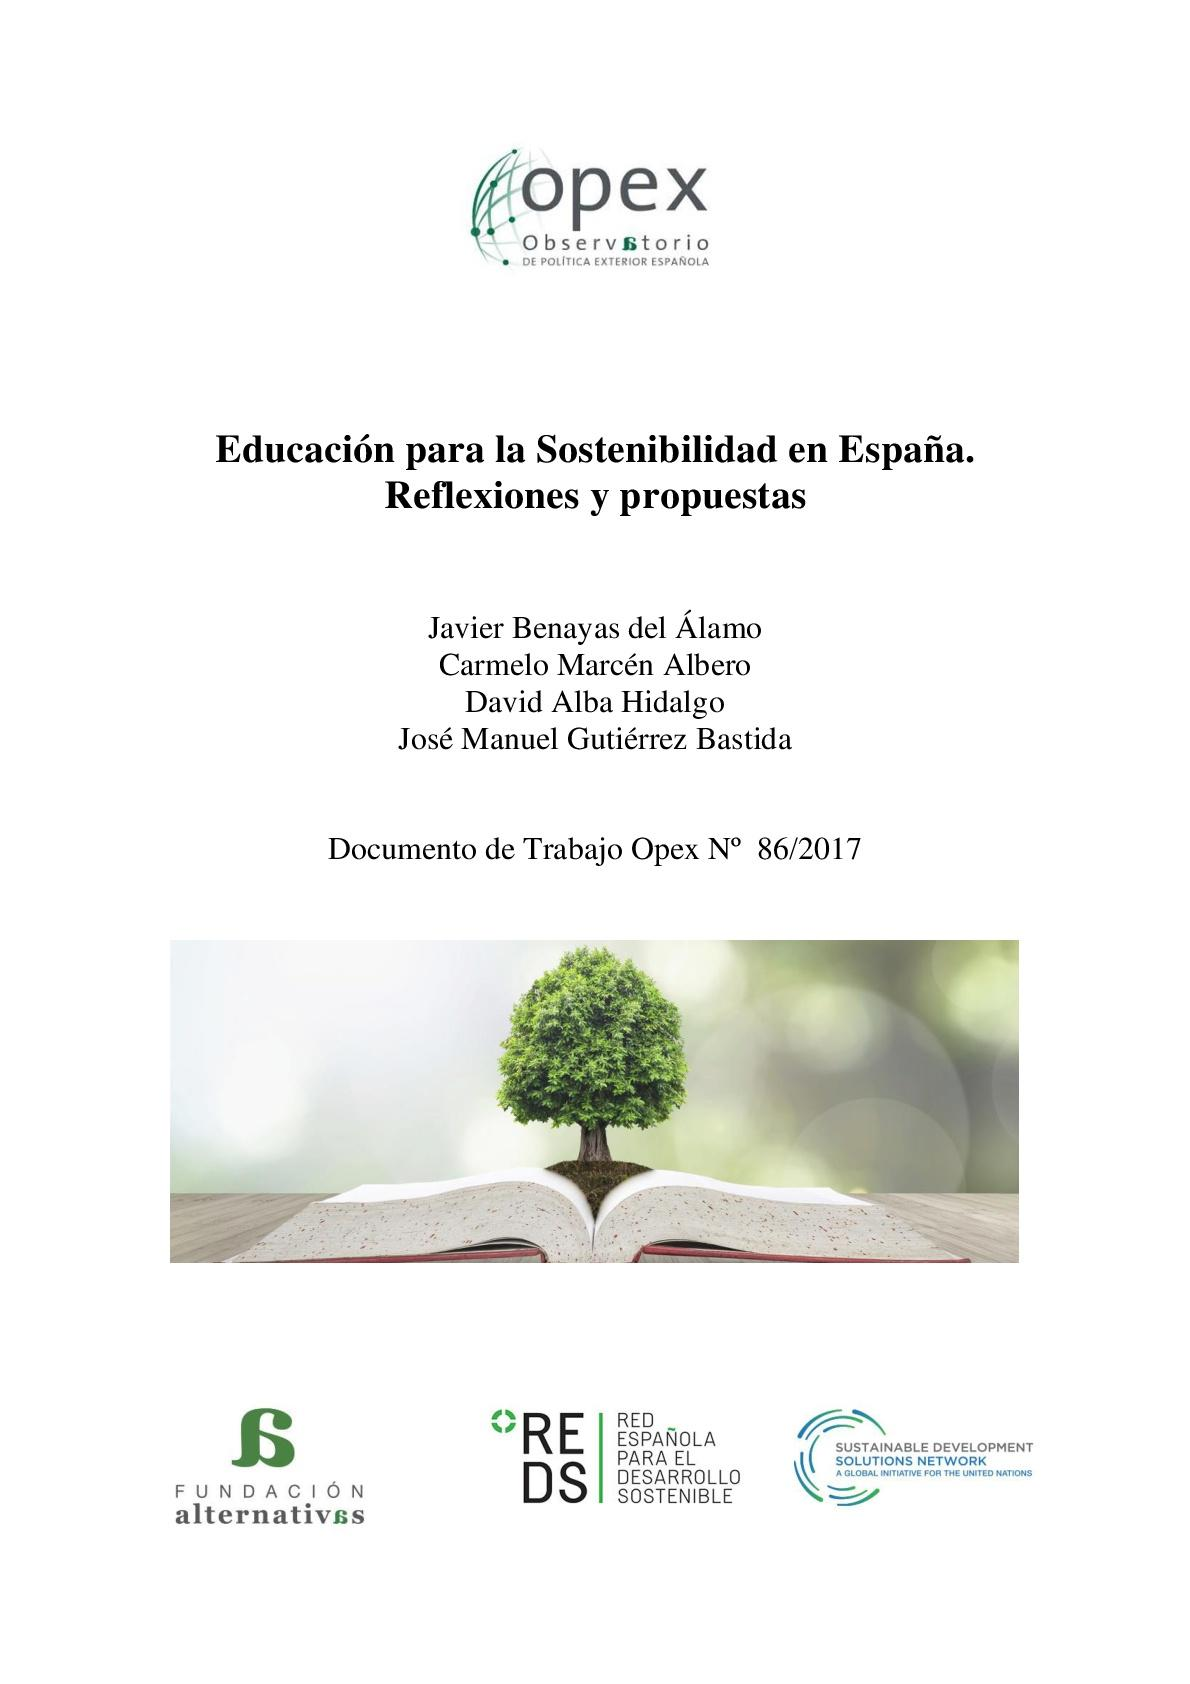 Educación para la Sostenibilidad en España. Reflexiones y propuestas.